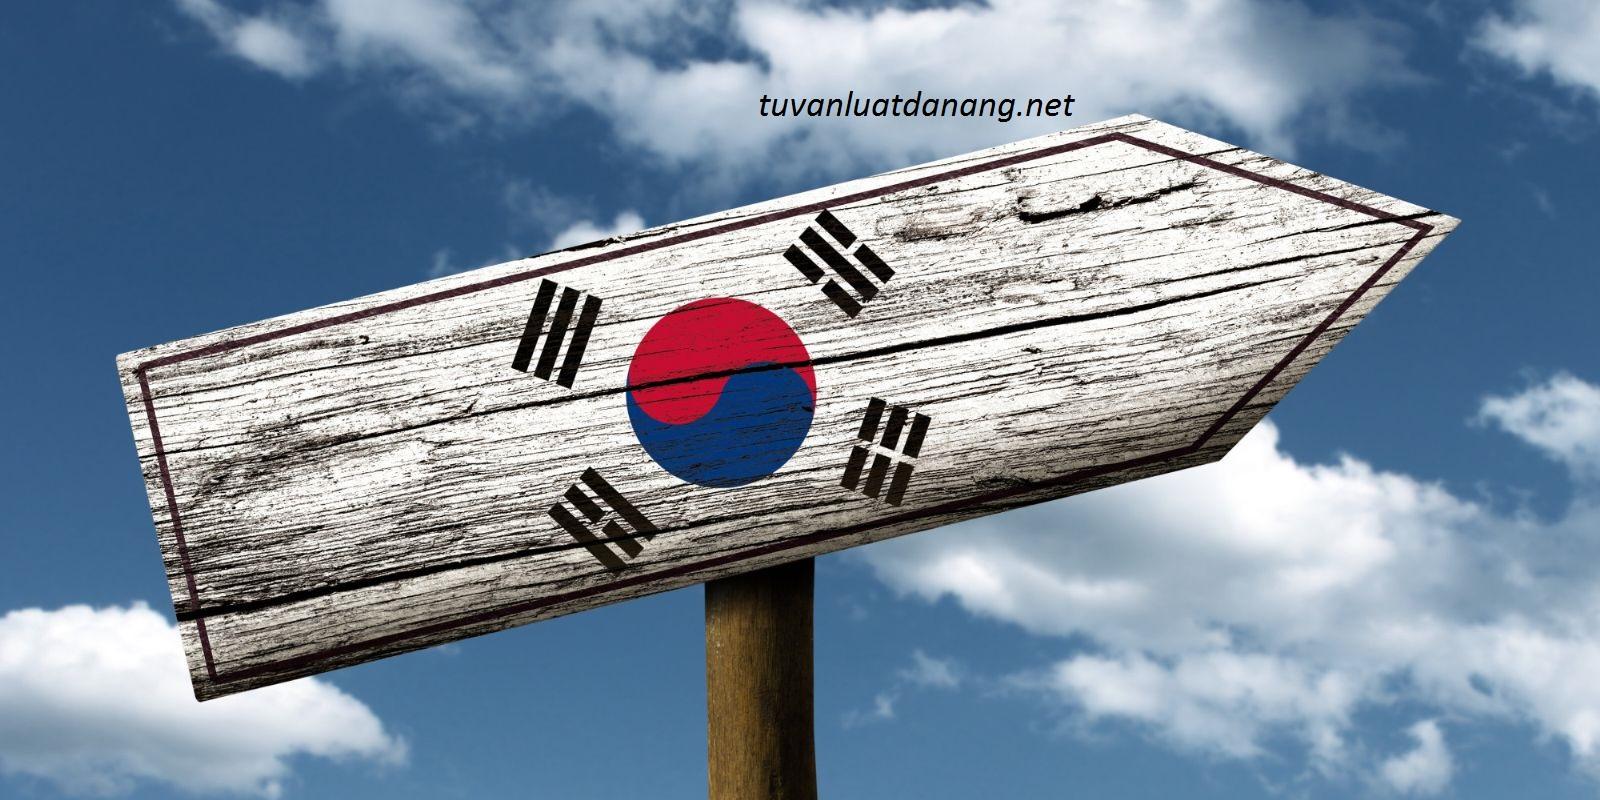 Dịch vụ làm visa đi Hàn Quốc tại Đà Nẵng